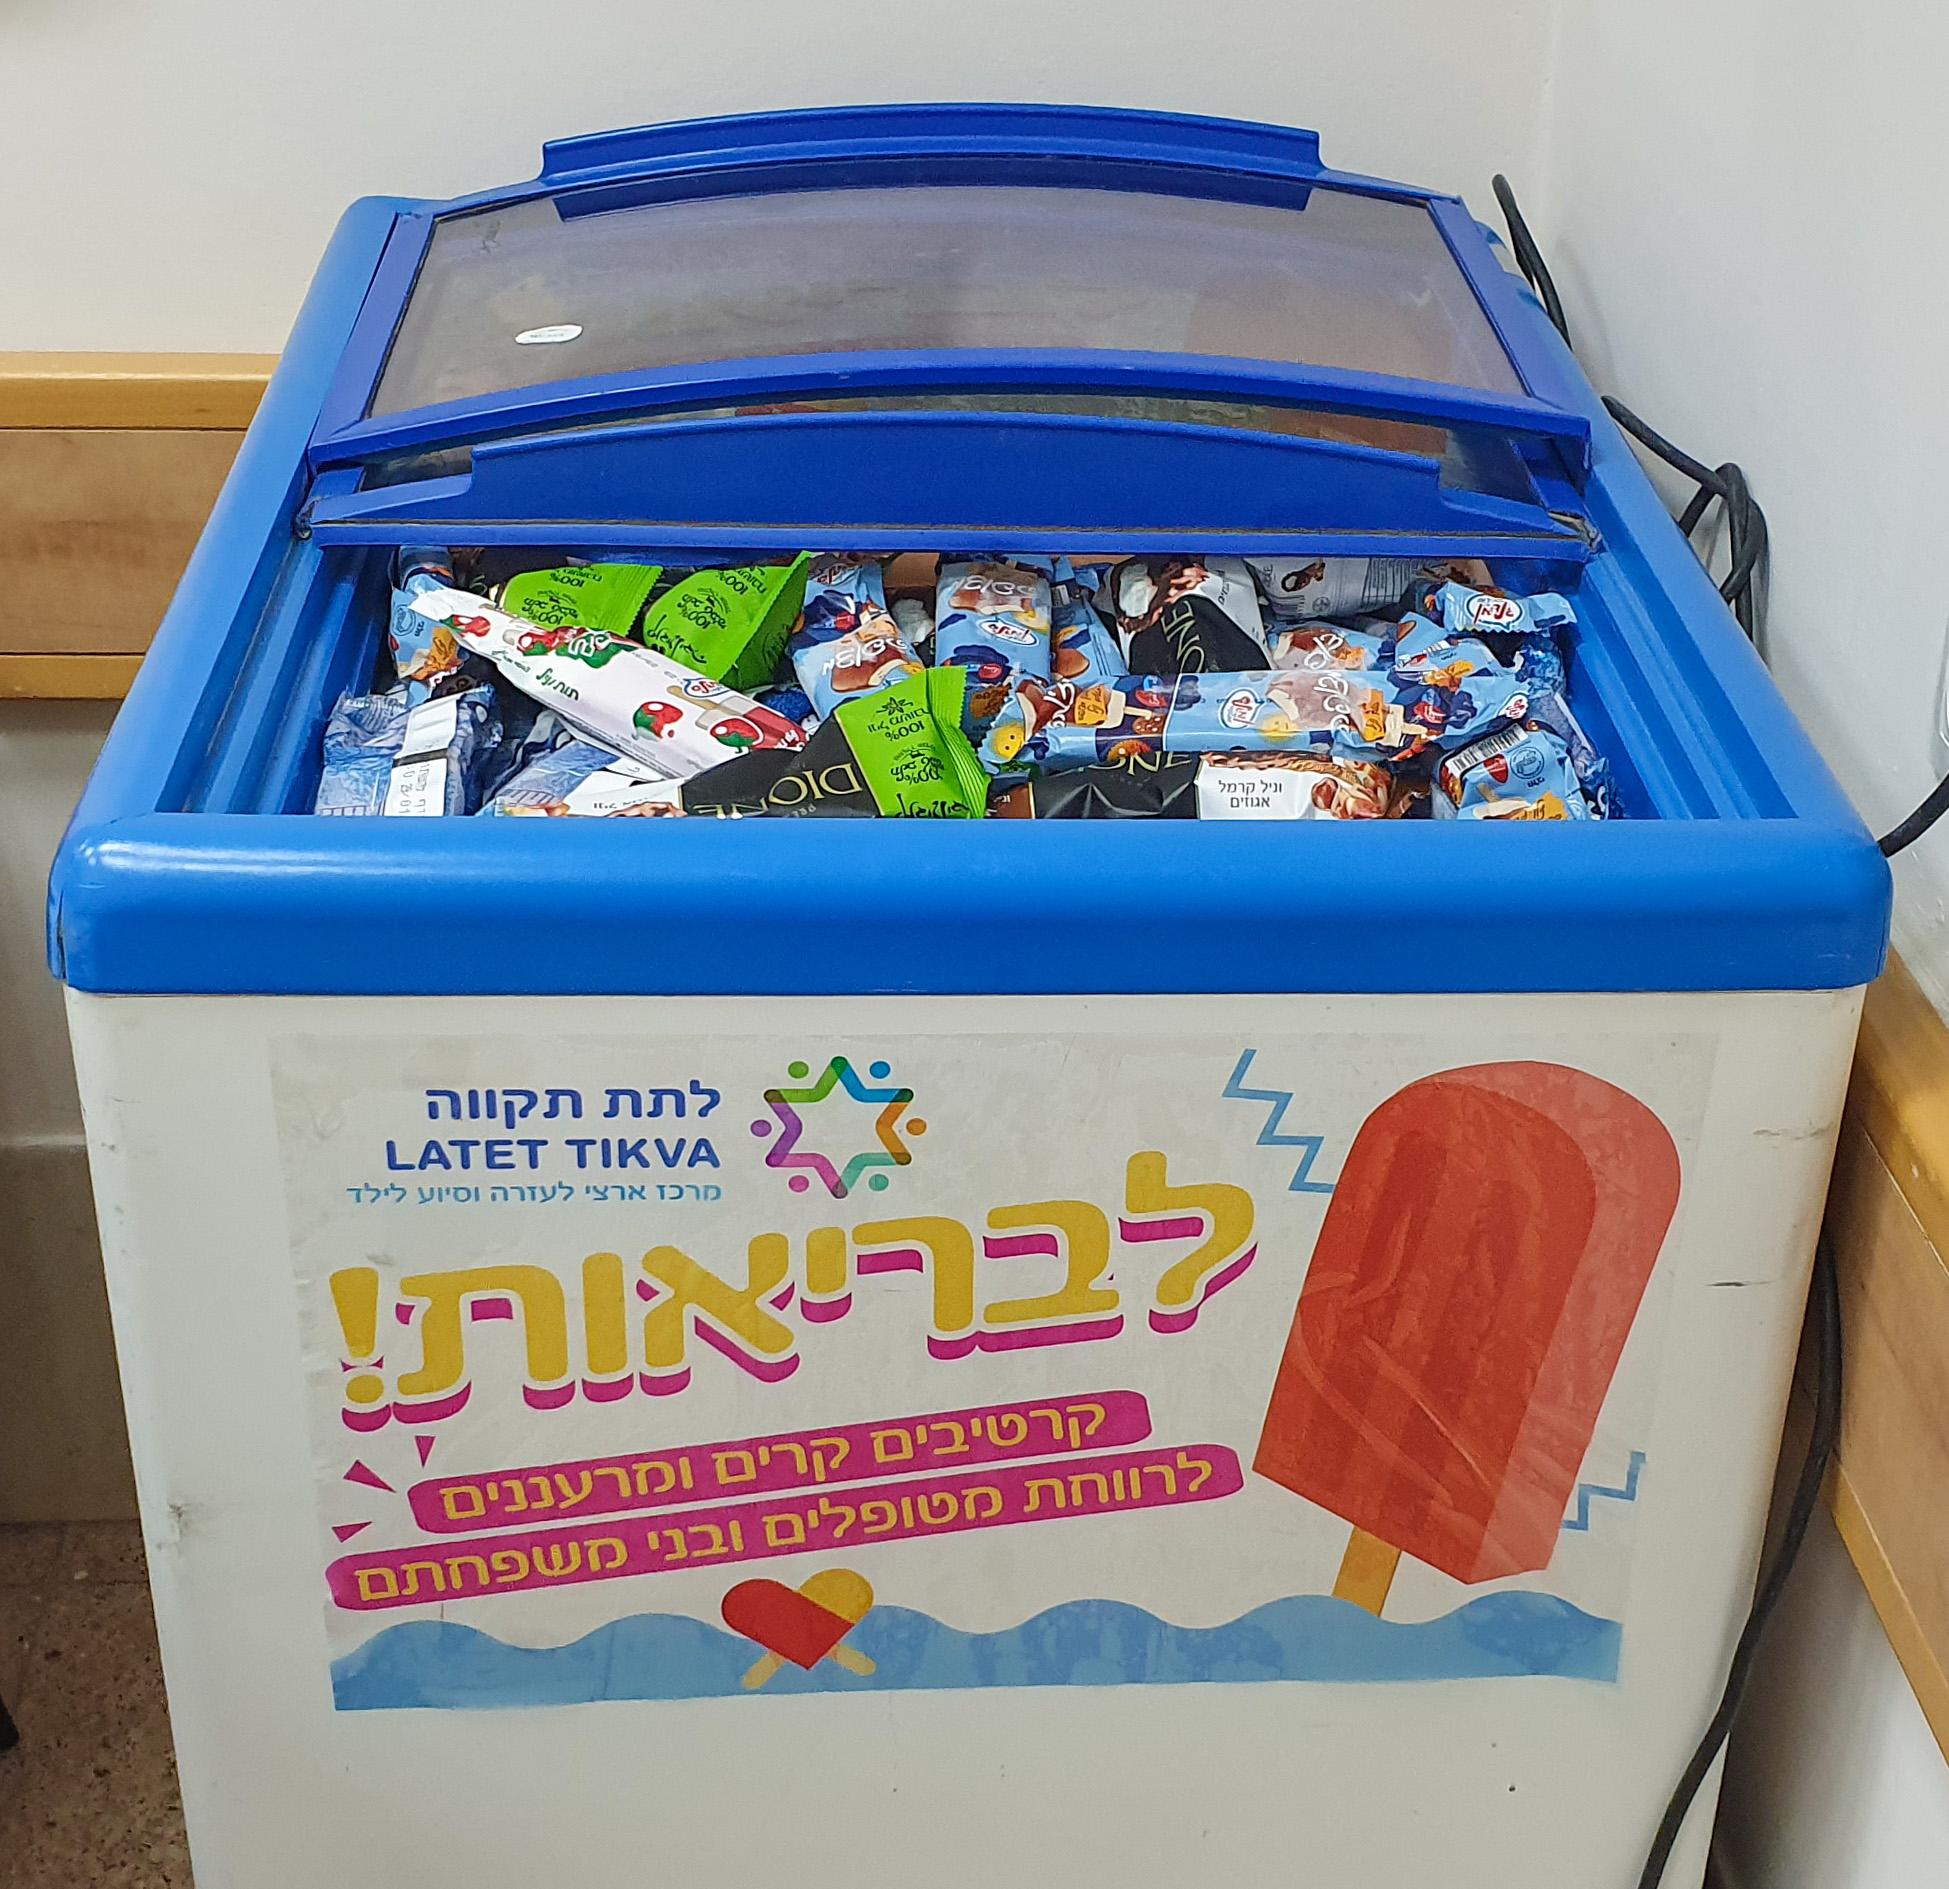 חדש: גלידות וקרטיבים לרווחת ילדים במחלקות אונקולוגיות